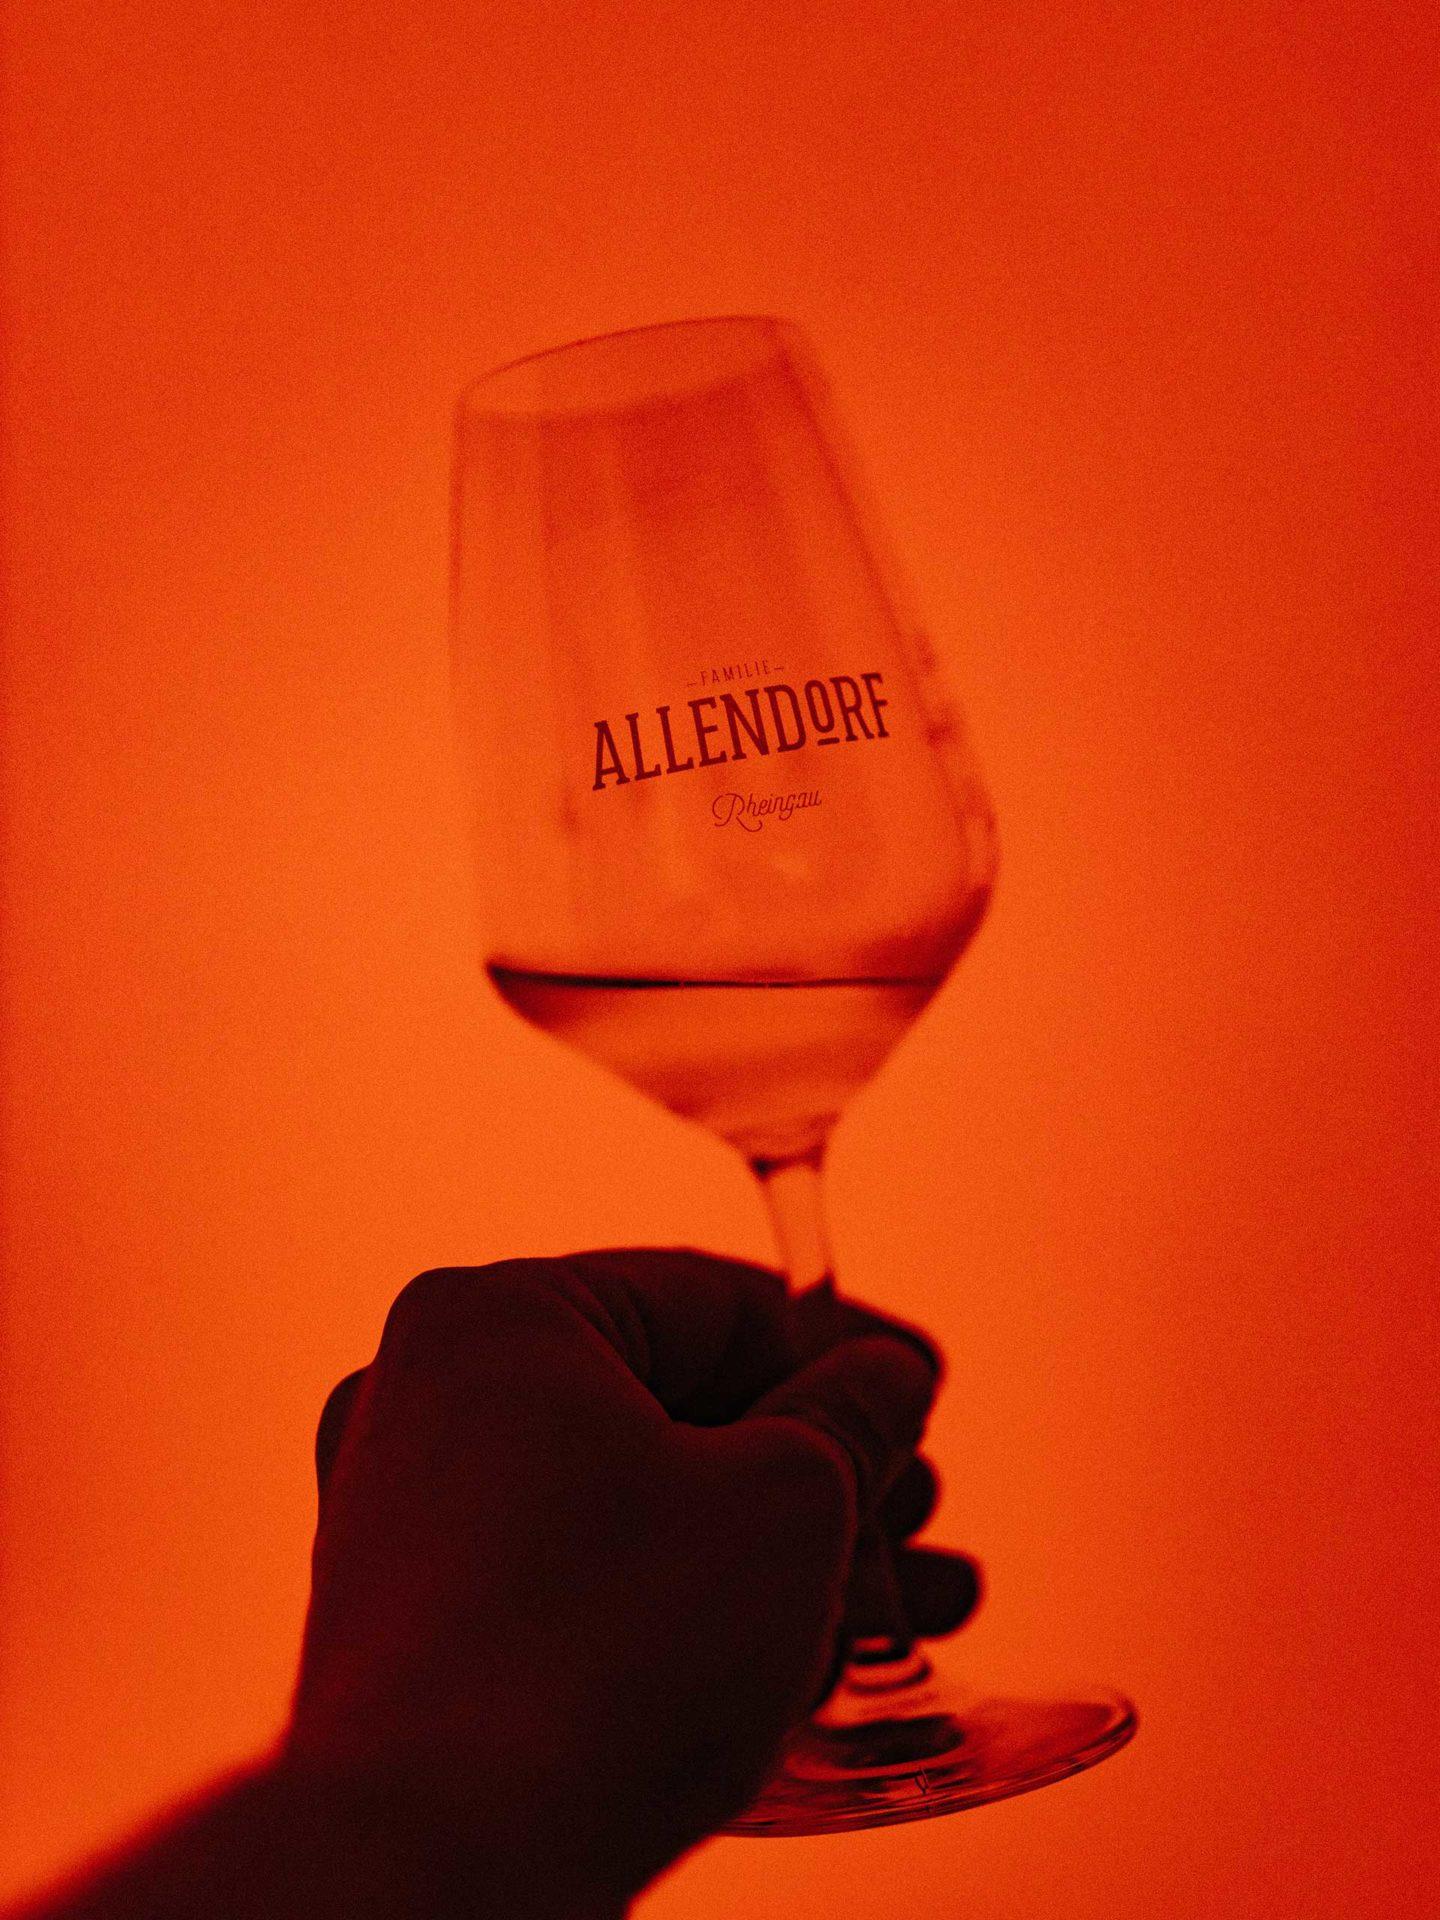 Der besondere Verkostungsraum. Felix probiert den Wein unter rotem Licht